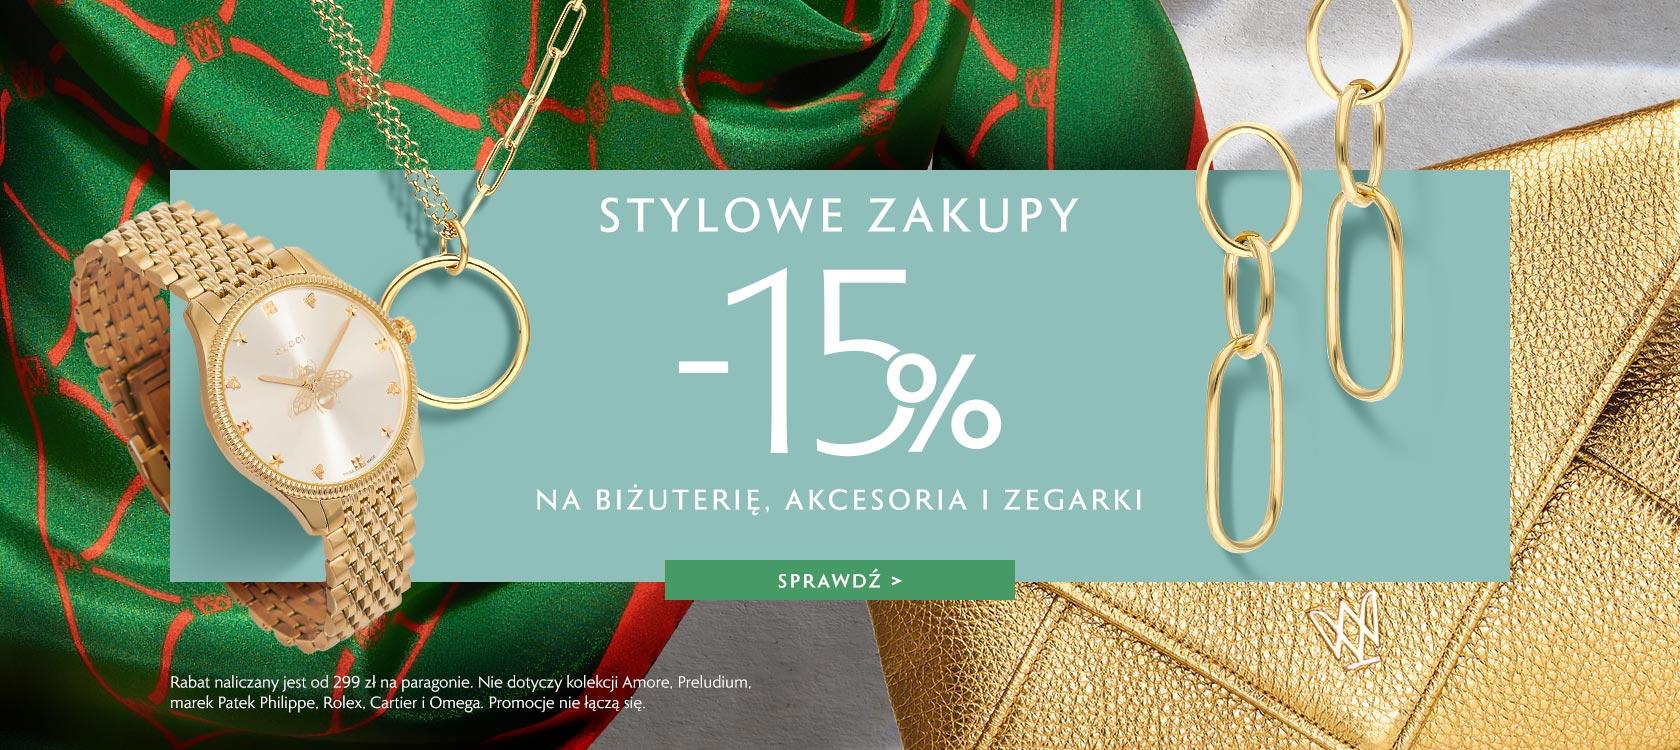 W.Kruk W.Kruk: Stylowe Zakupy 15% rabatu na biżuterię, zegarki i akcesoria